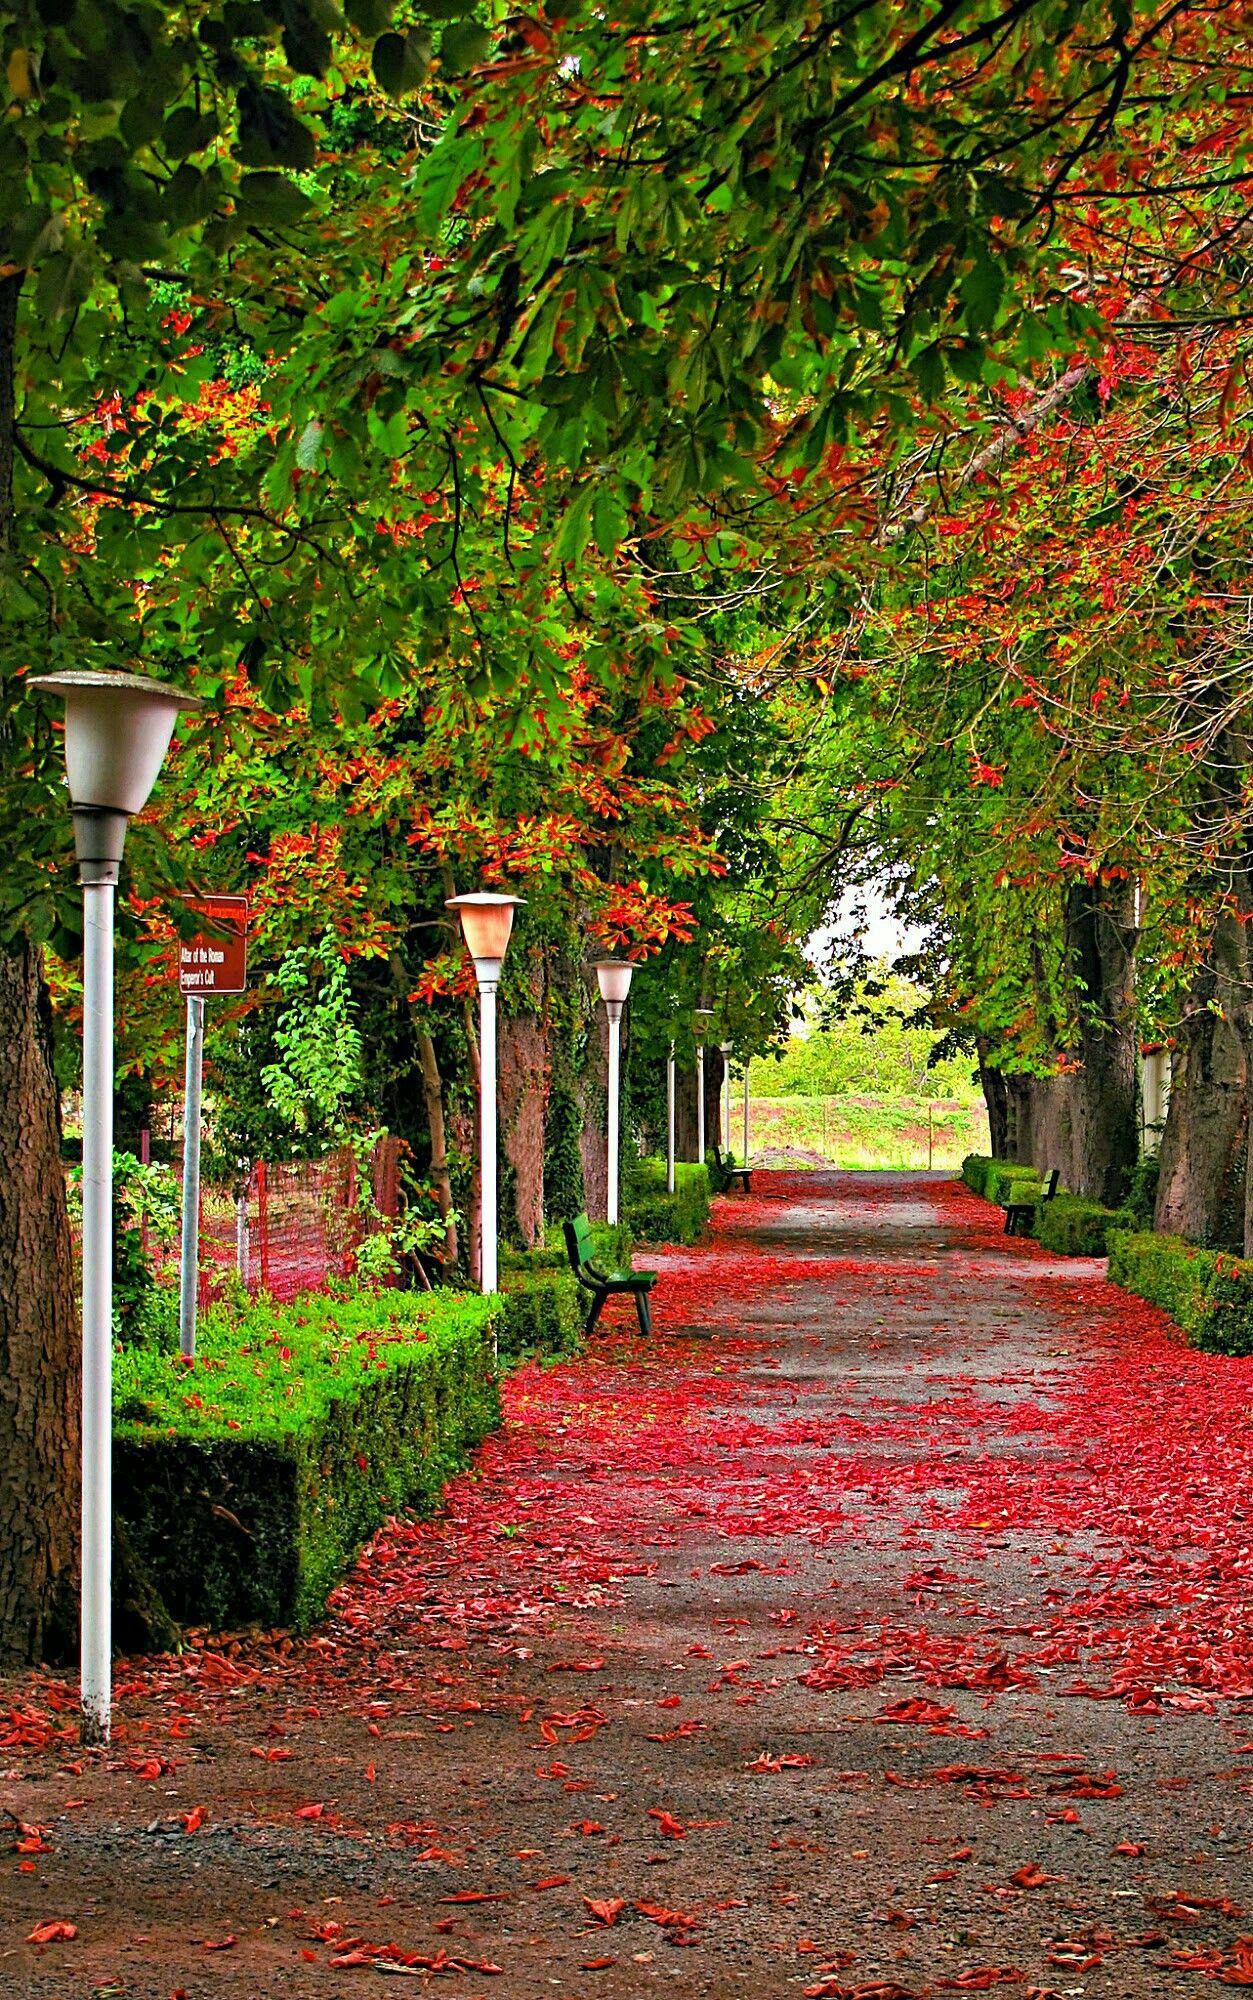 Ashiksk2544 Gmil Com Photo Background Images Photoshop Backgrounds Studio Background Images